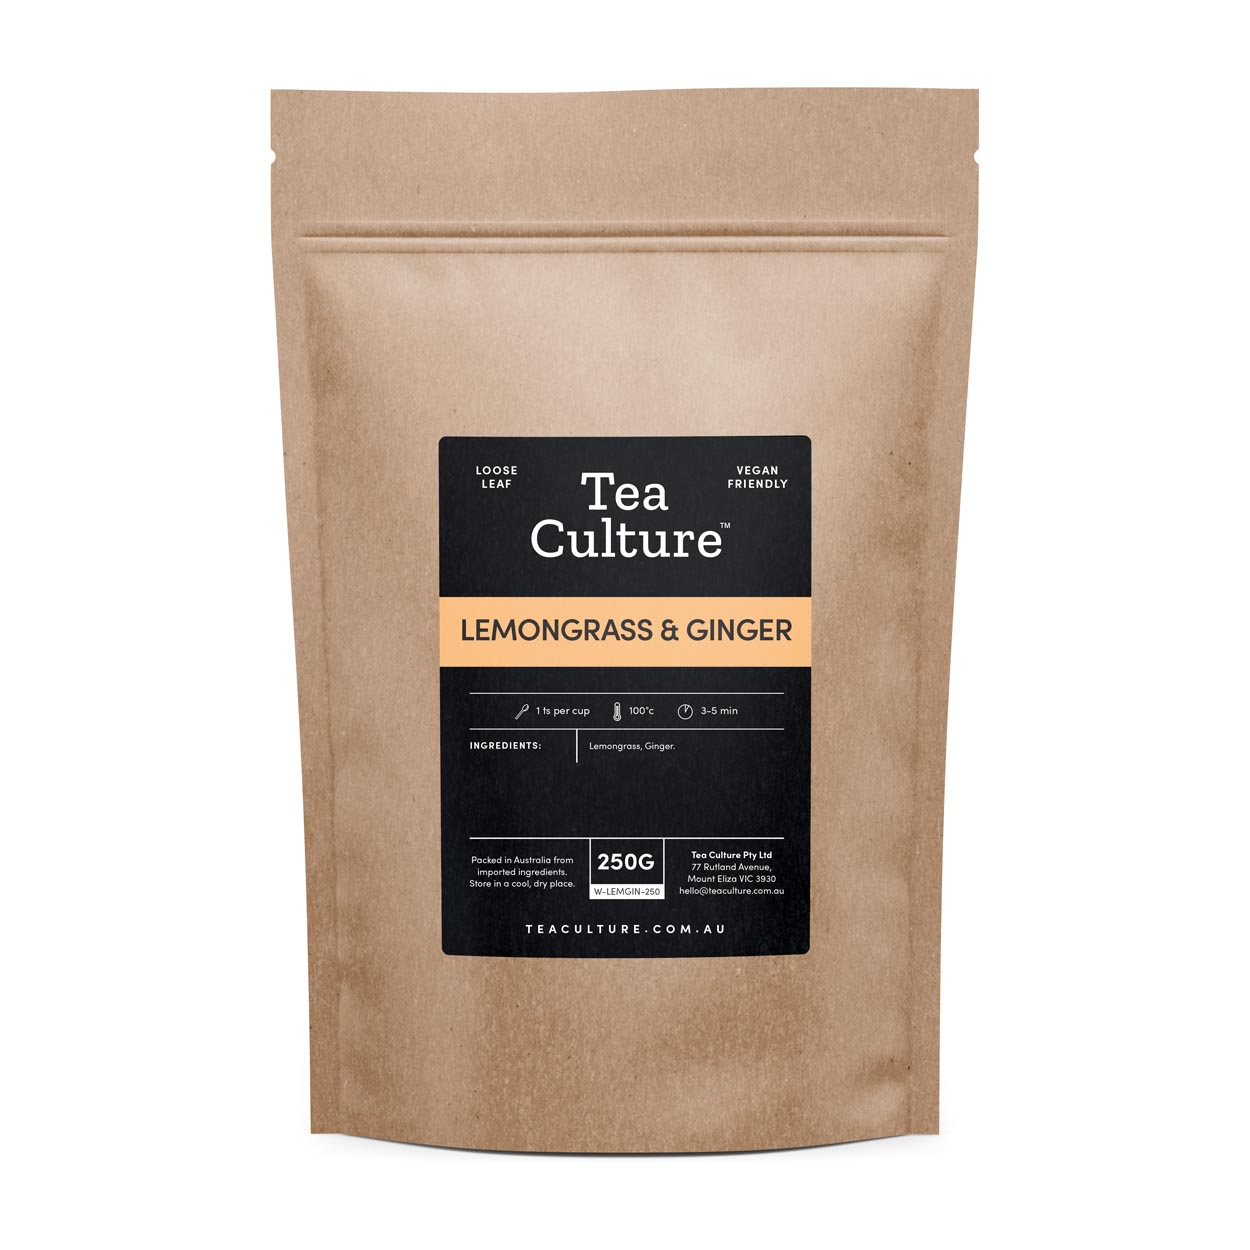 Tea Culture™ 250g Lemongrass & Ginger Loose Leaf